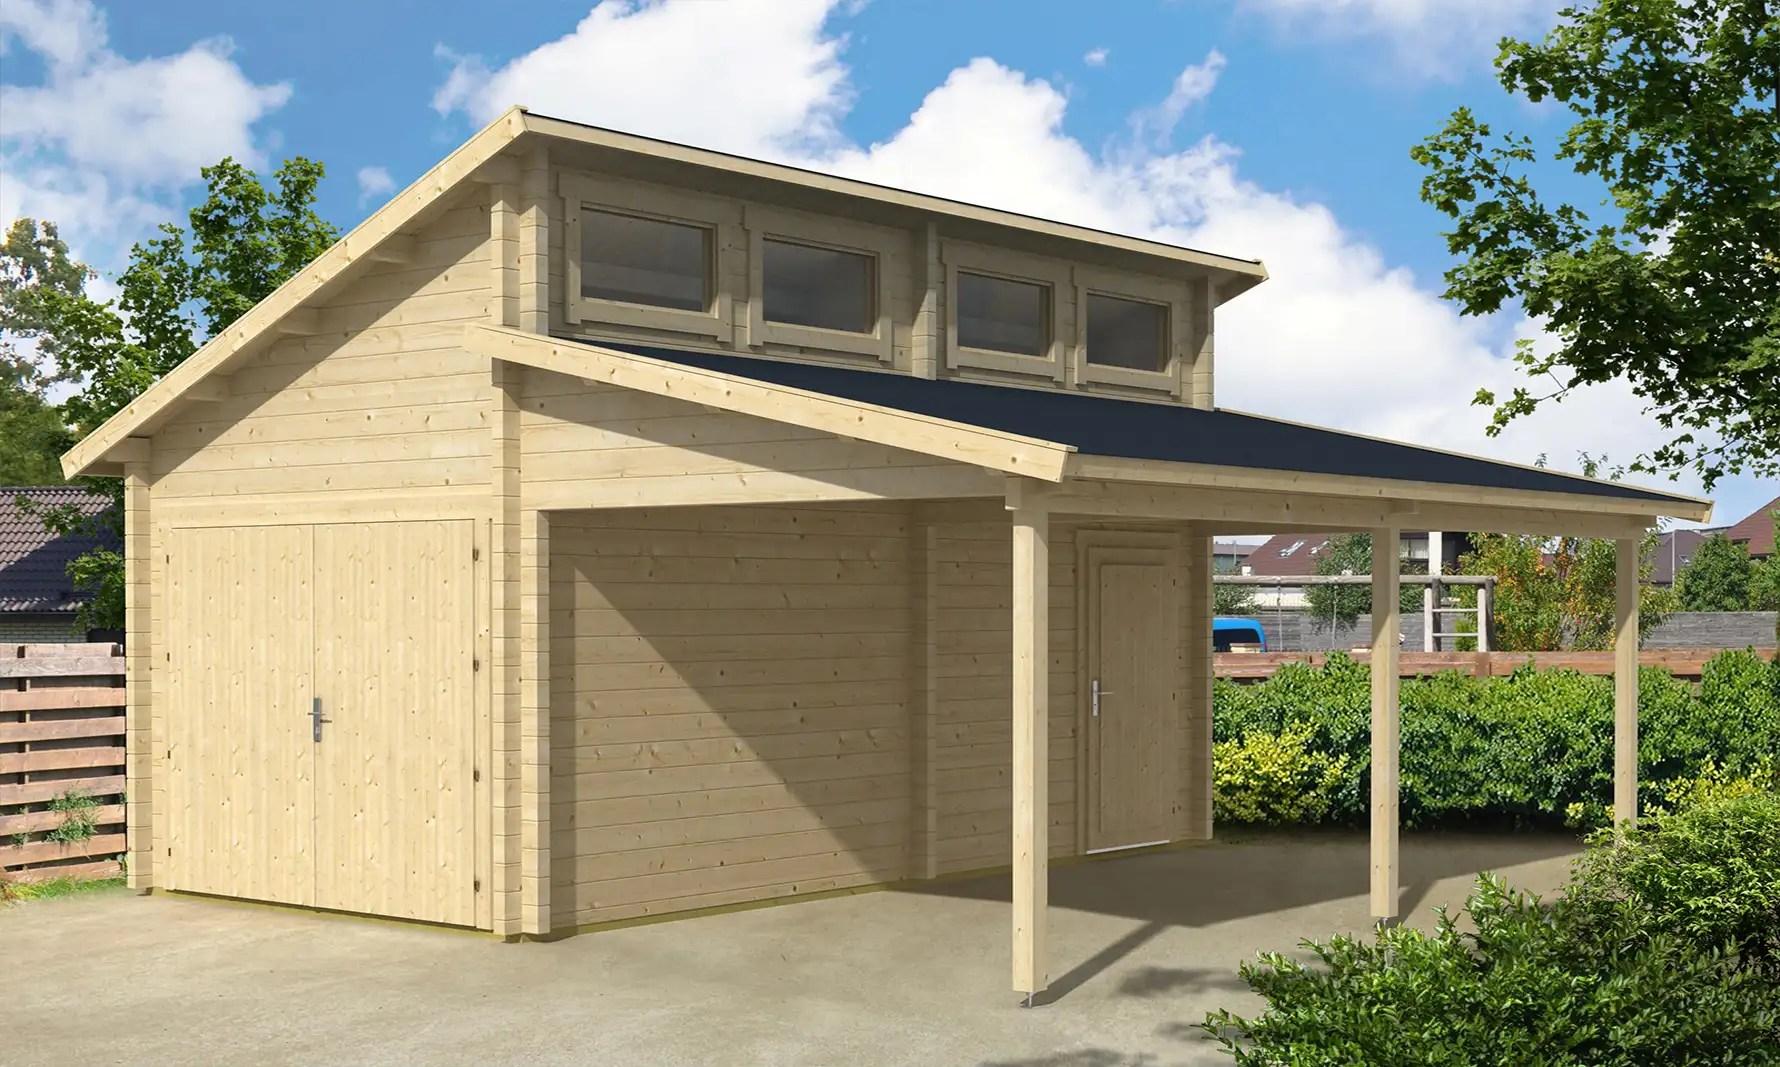 holzgarage mit carport 6m x 6m satteldach fertiggarage startseite design bilder. Black Bedroom Furniture Sets. Home Design Ideas